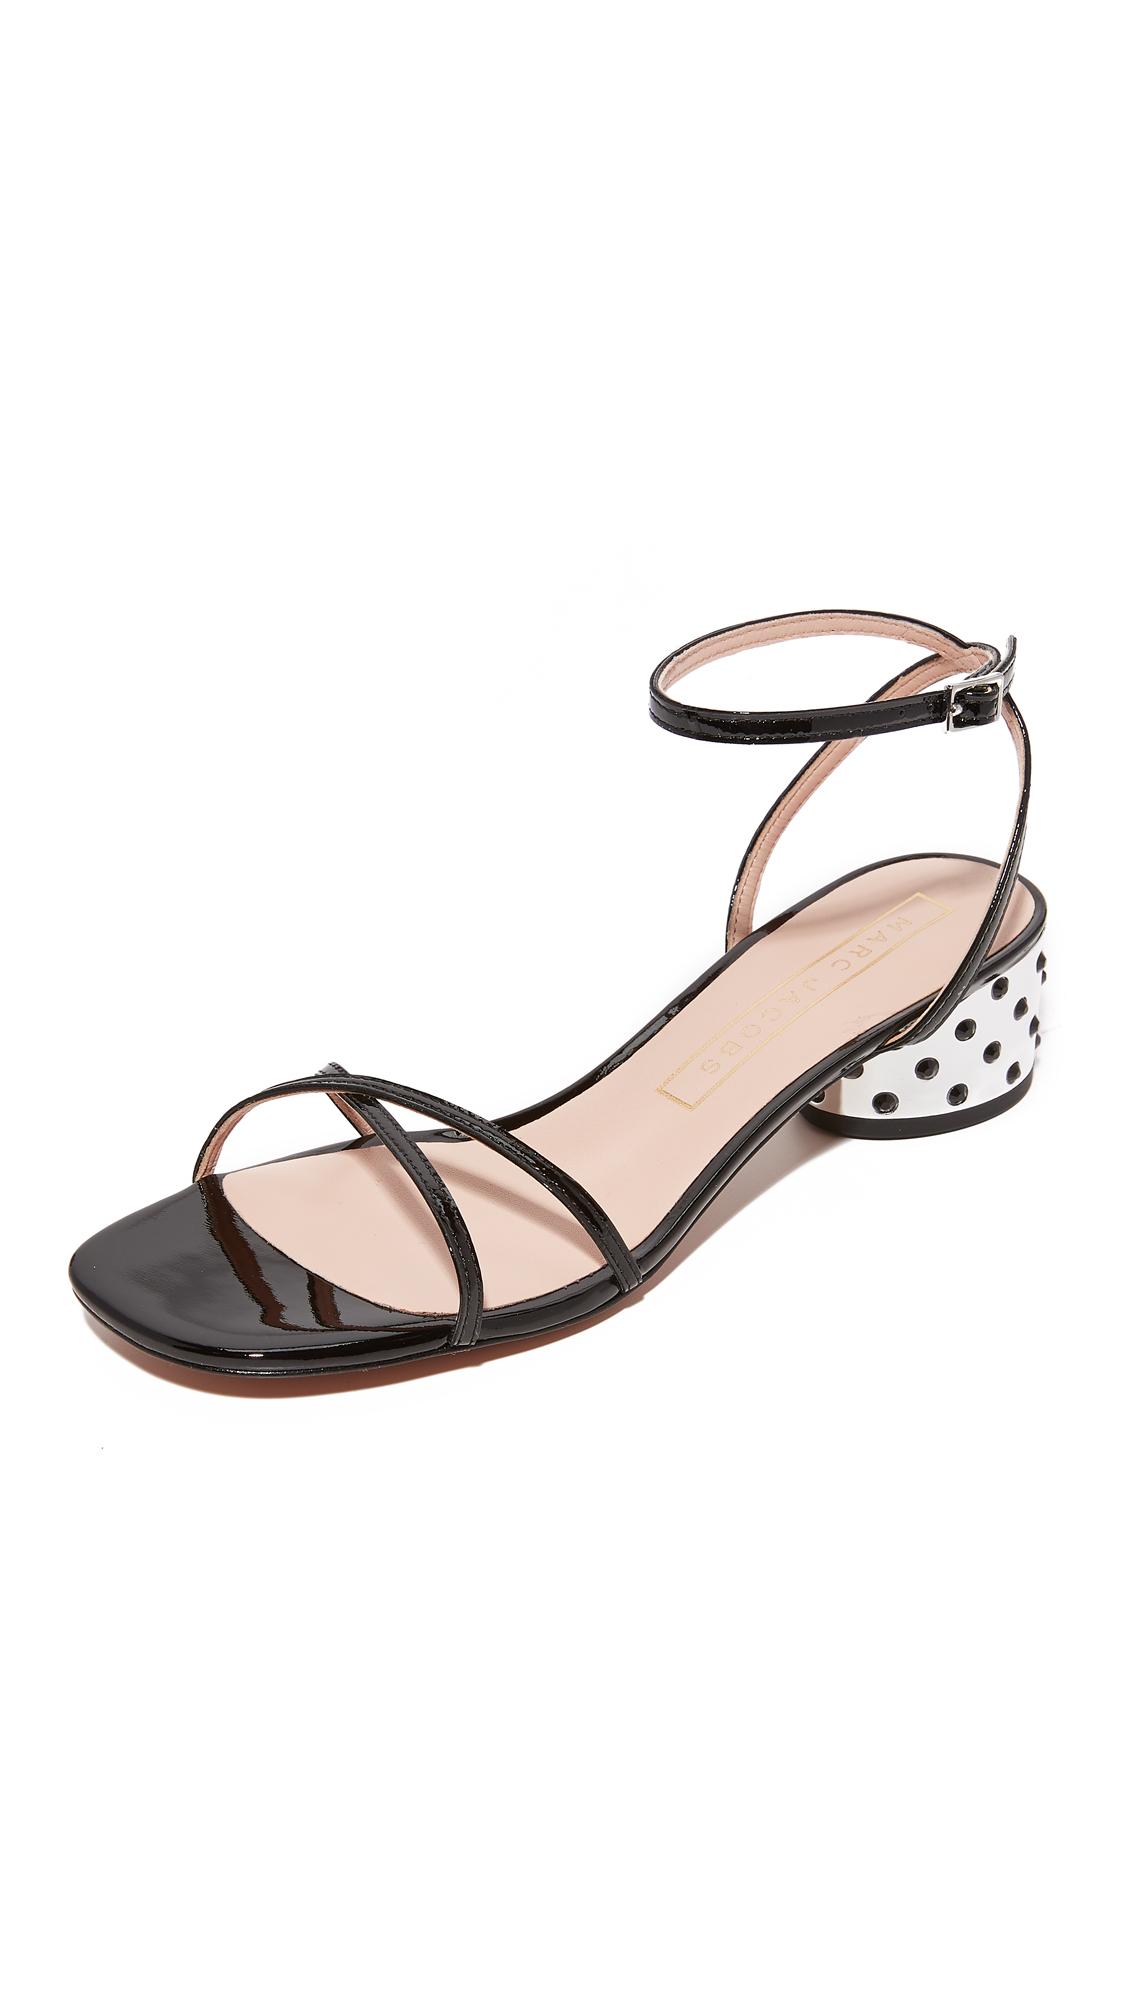 Marc Jacobs Sybil Ankle Strap City Sandals - Black